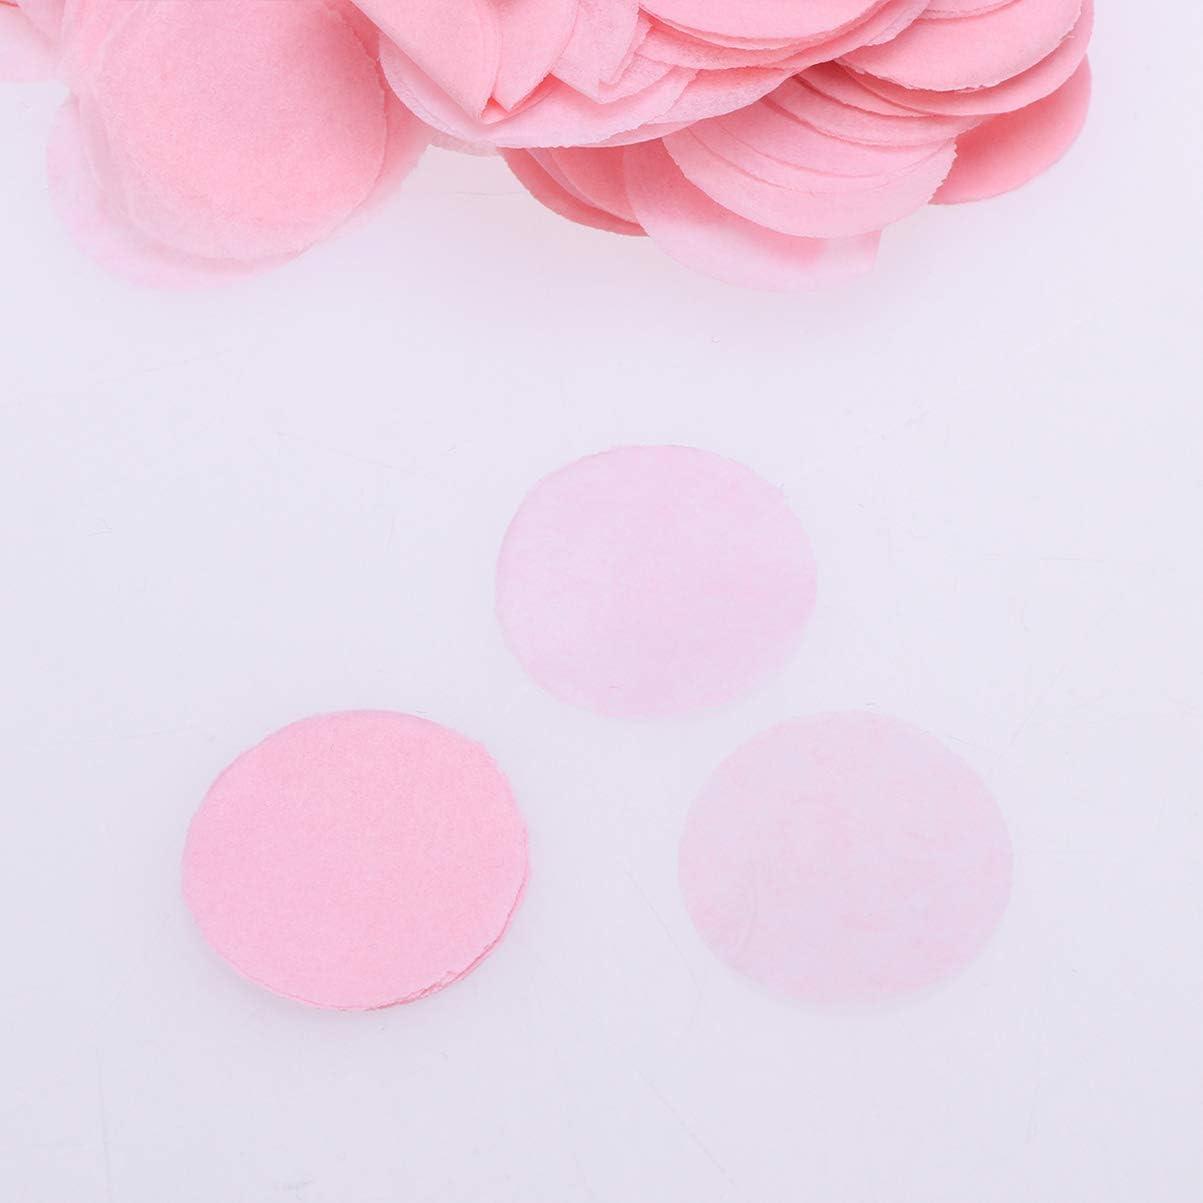 patr/ón de sirena HEALLILY puntos de confeti purpurina c/írculos de confeti confeti redondo met/álico para cumplea/ños boda decoraci/ón de fiesta navide/ña